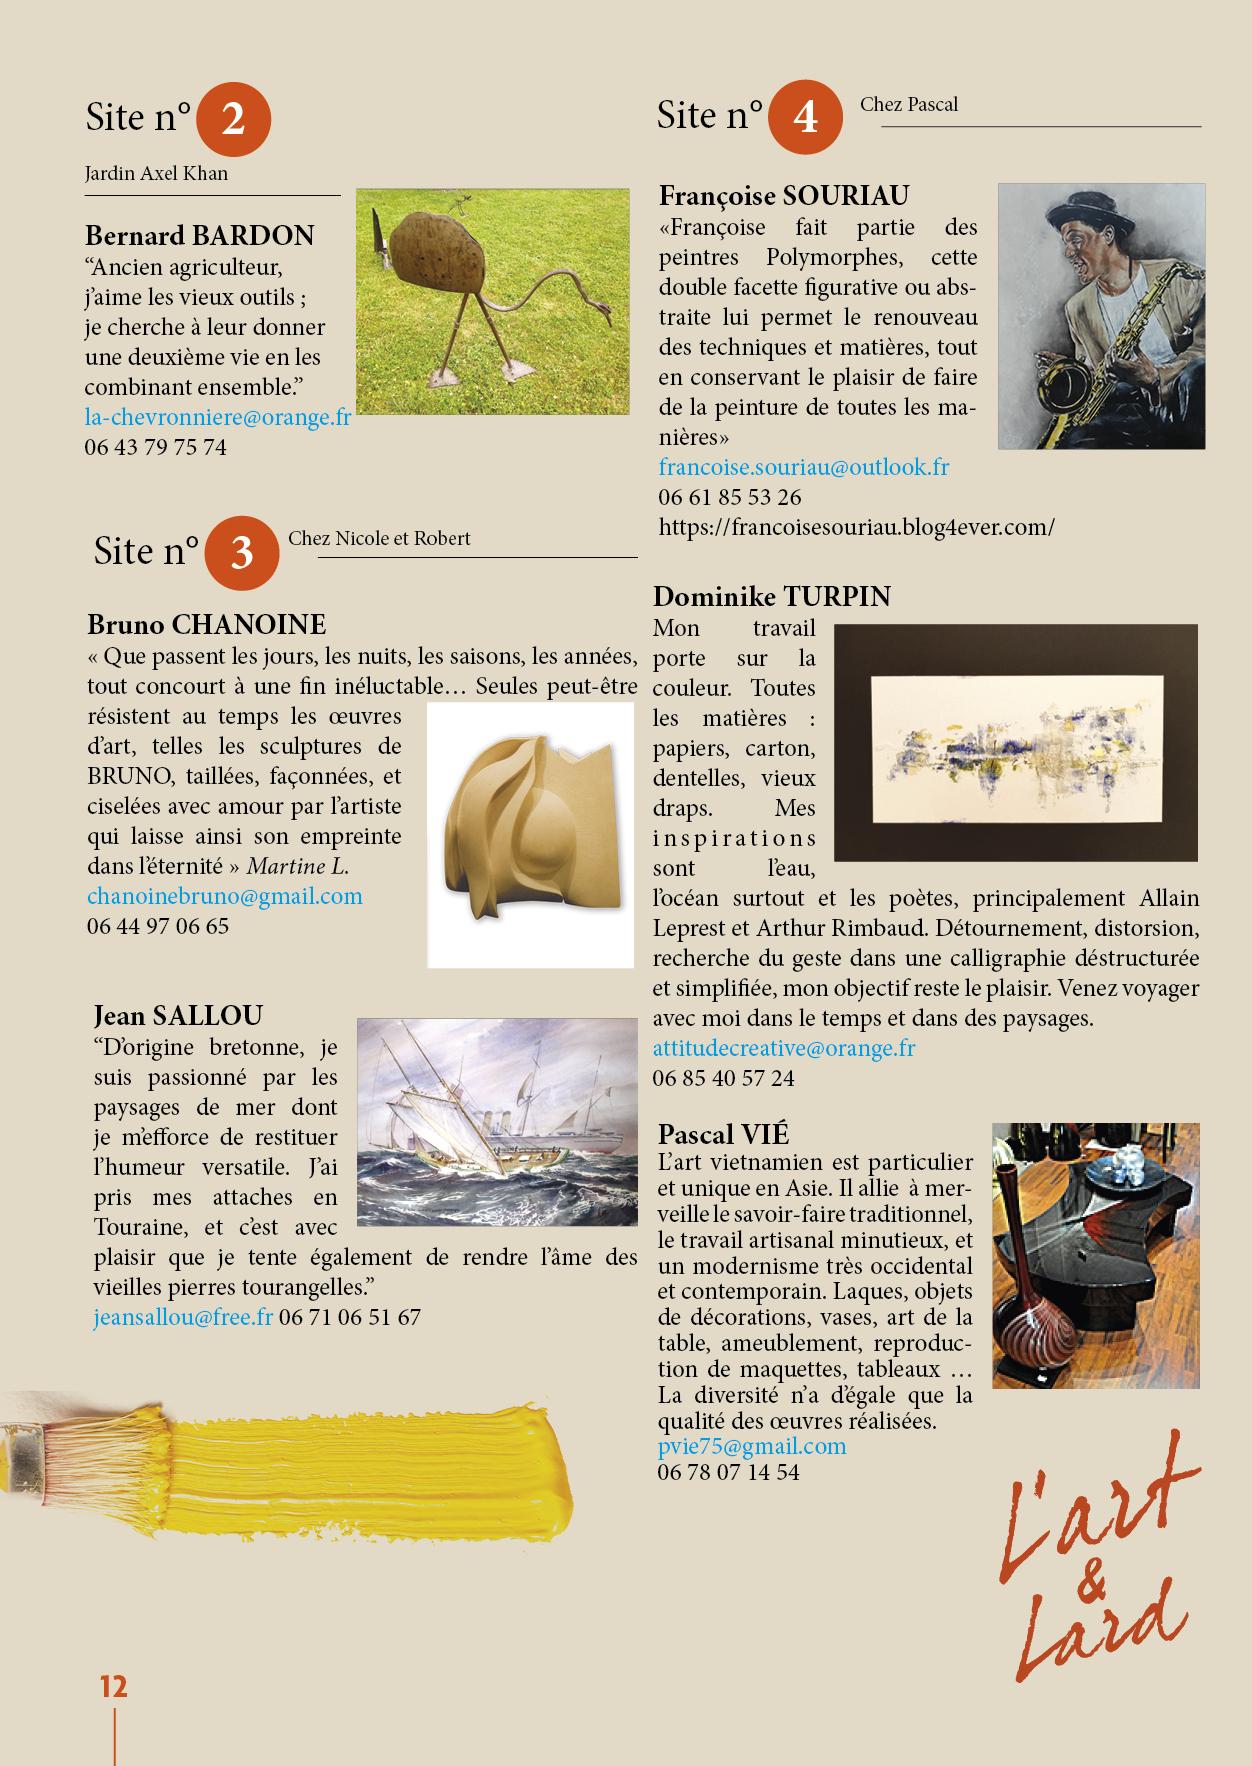 l-art-et-lard/16-pages-l-art-et-lard-2019-p12.jpg